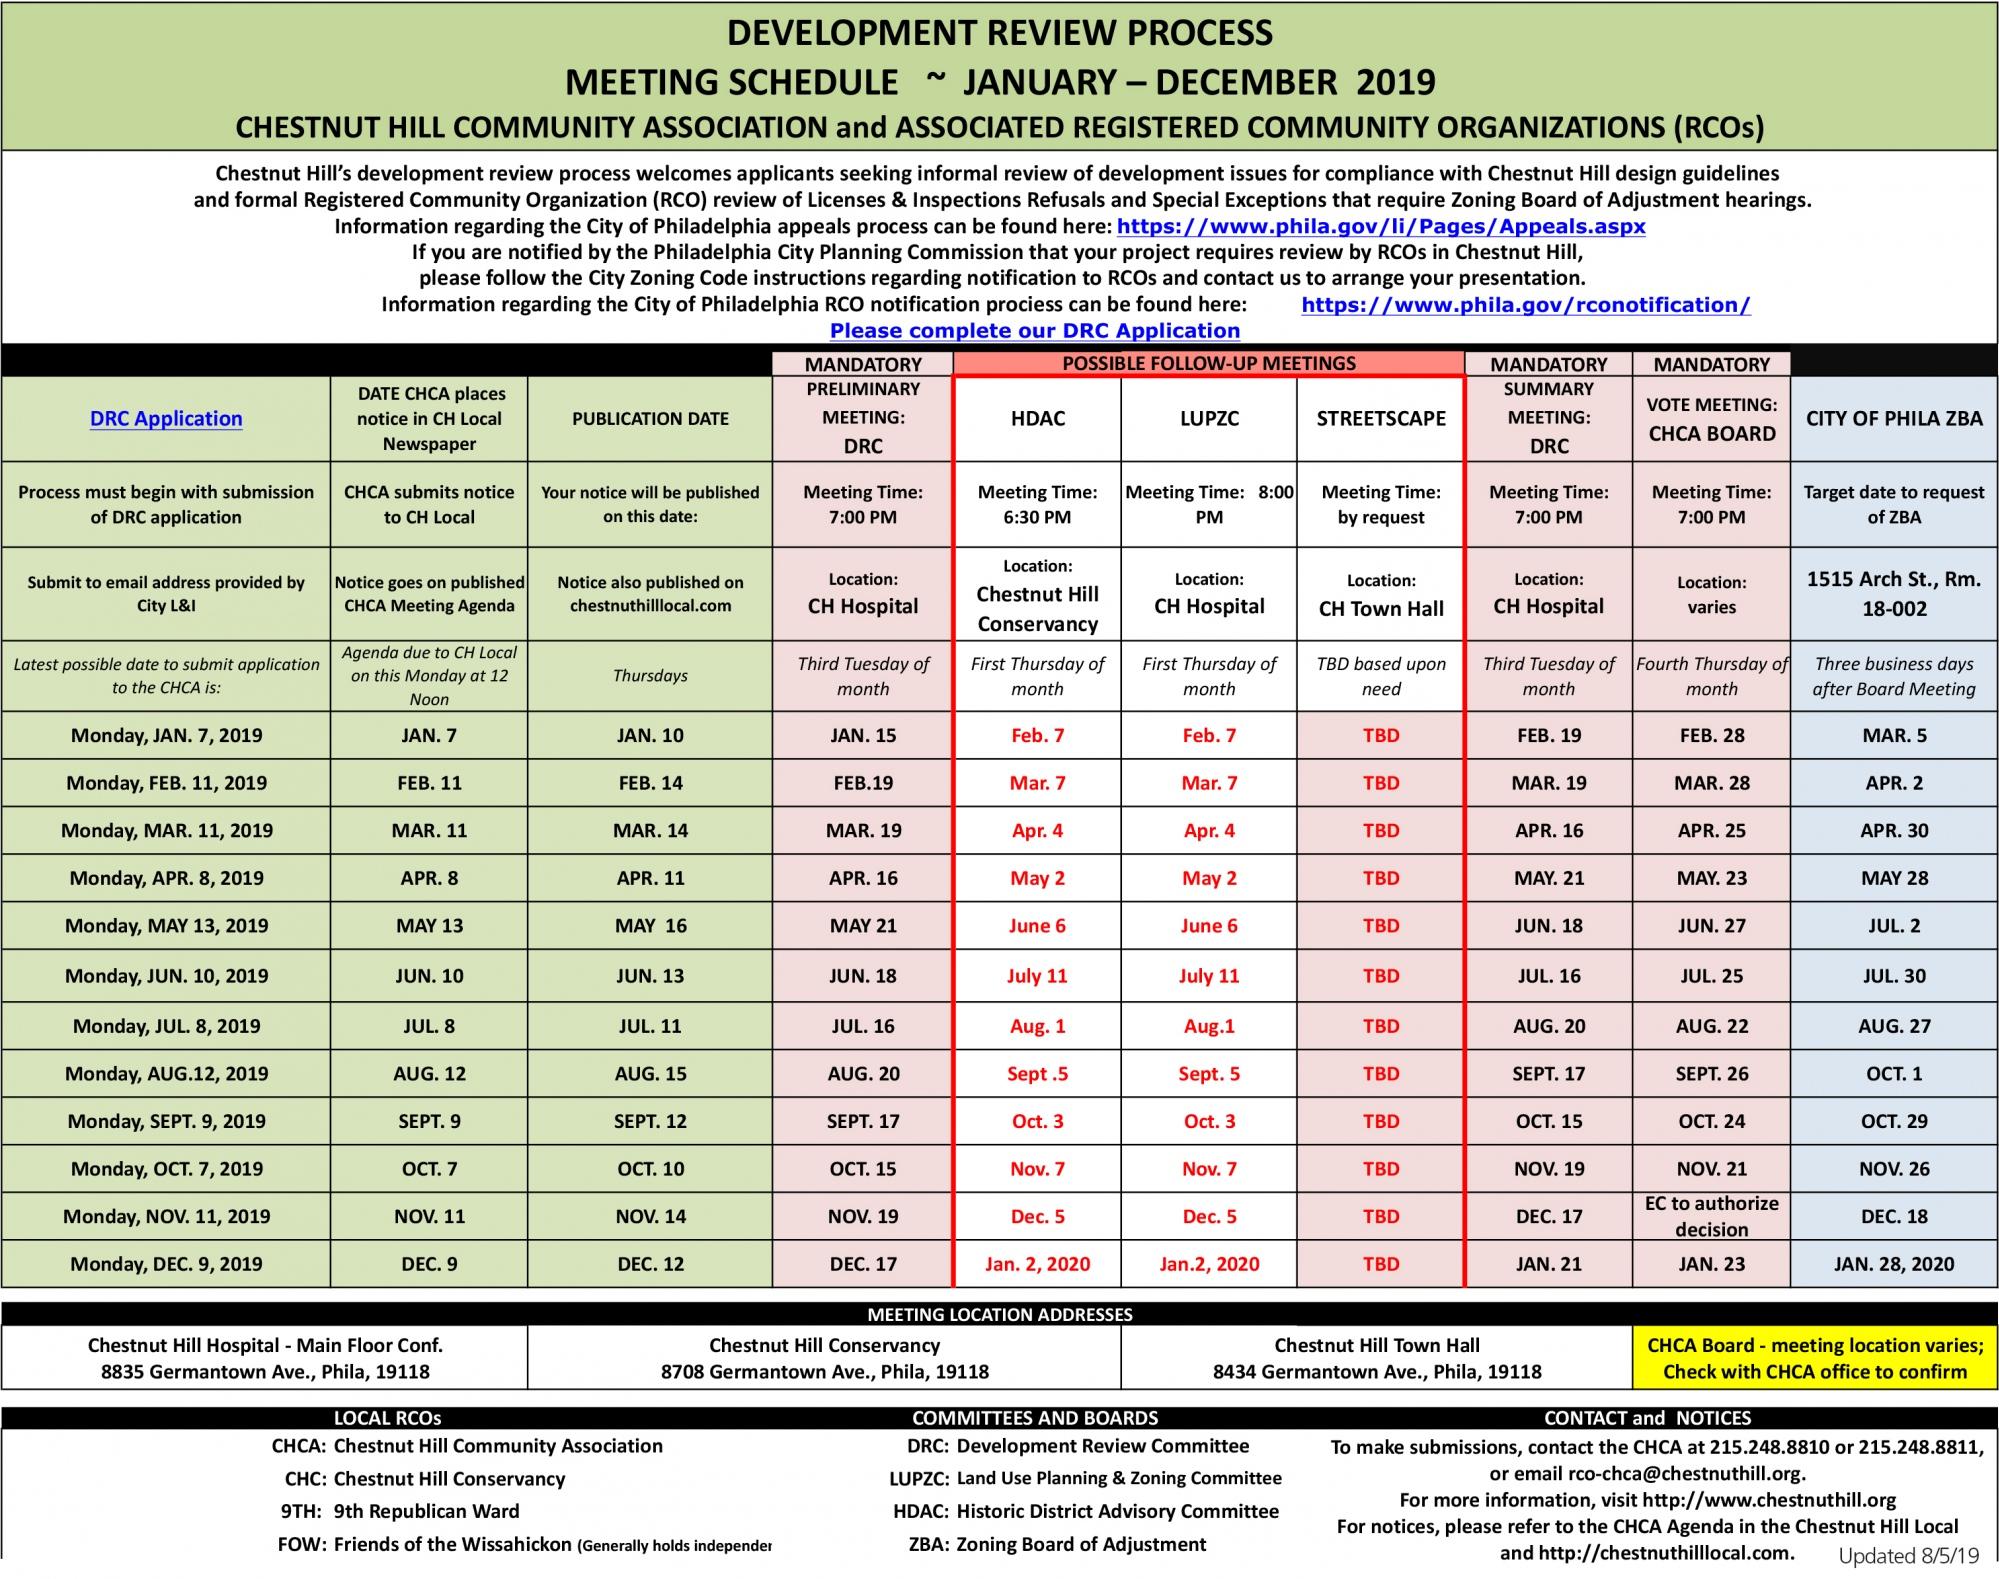 DRC Schedule